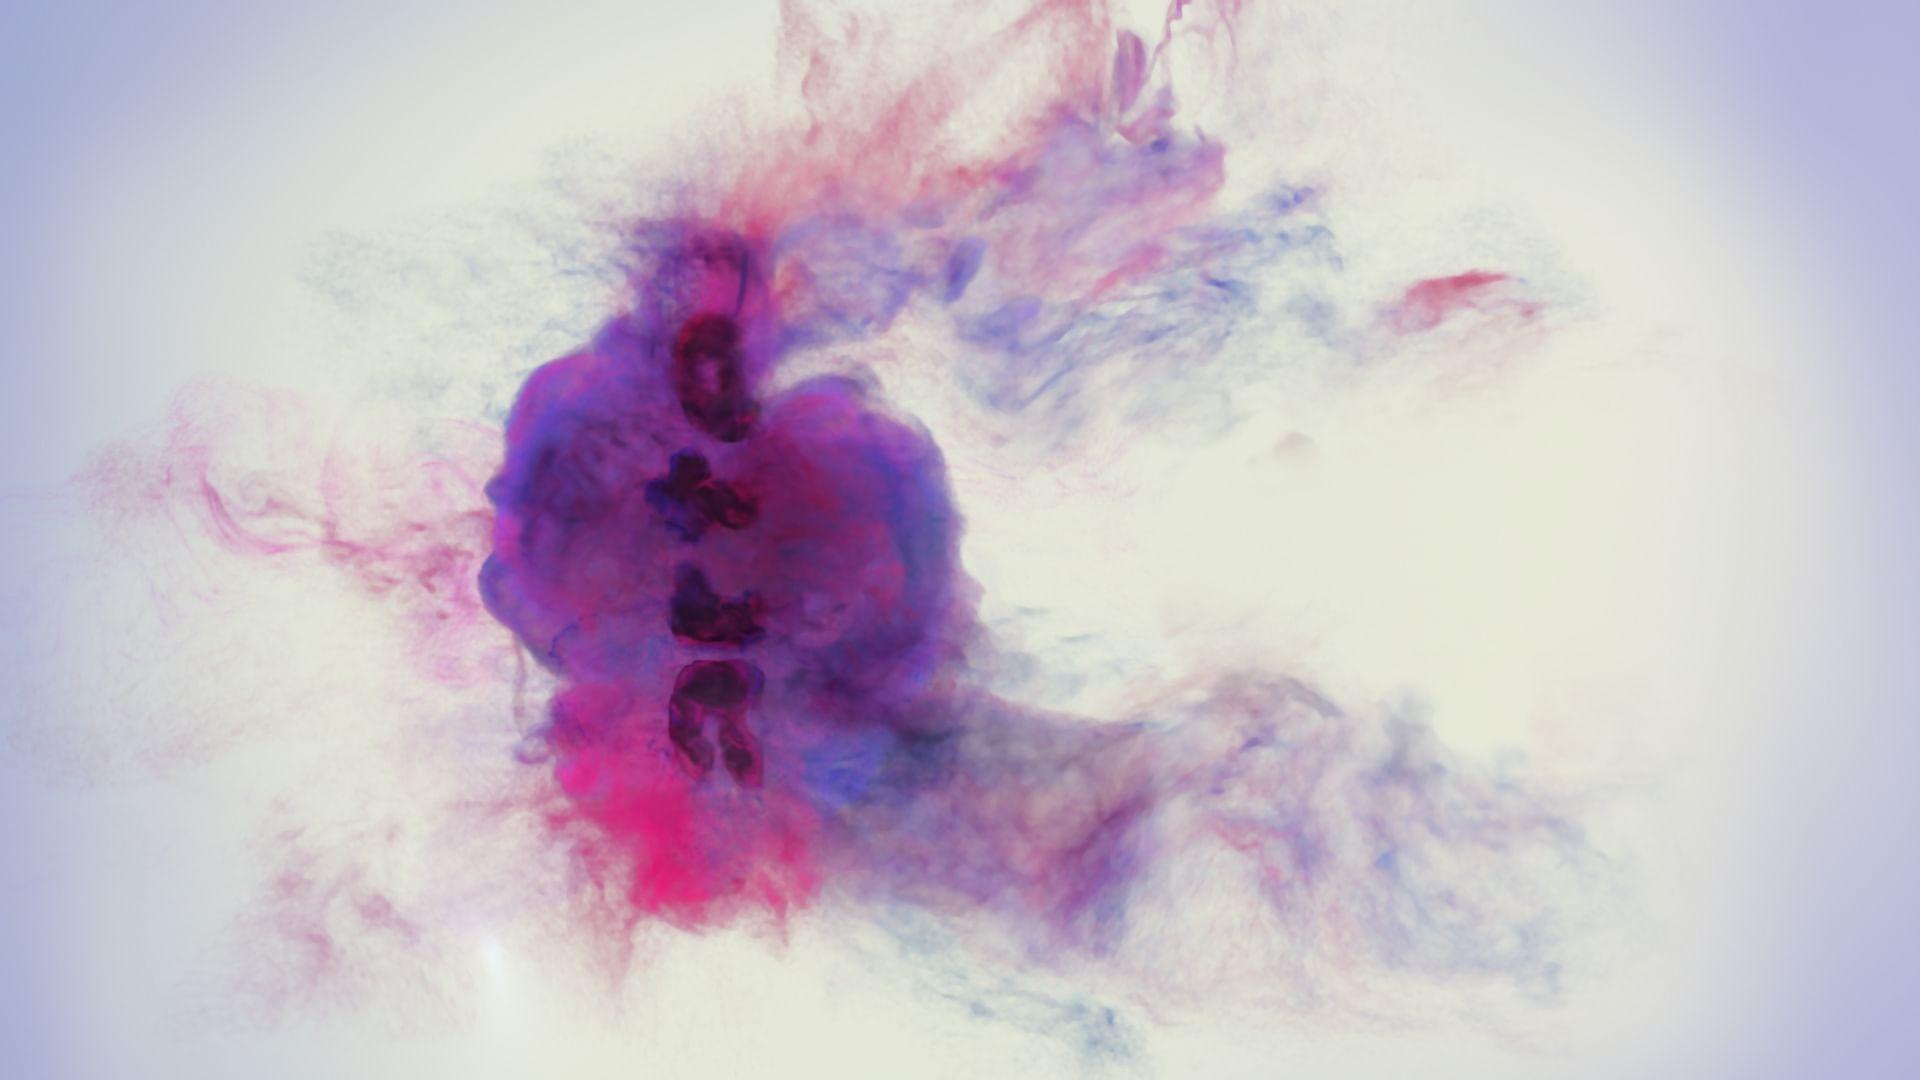 Hindi Zahra en concert privé au musée Picasso, les photos